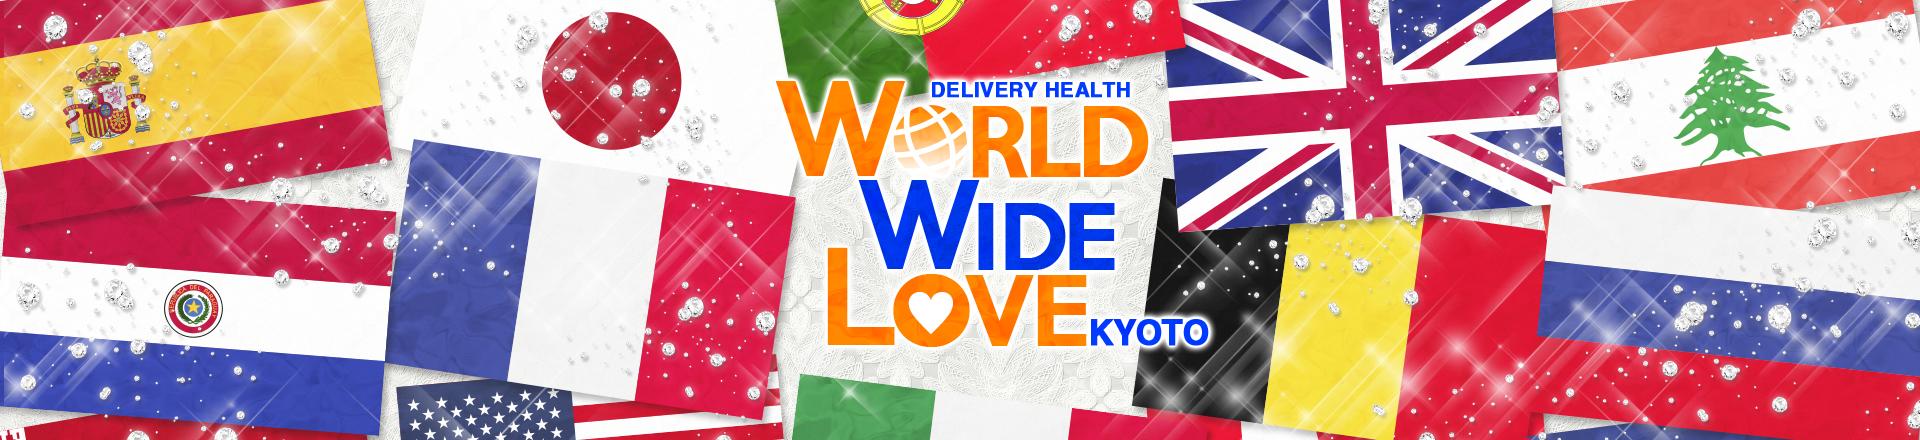 京都デリヘルWORLD WIDE LOVE KYOTO ワールドワイドラブ京都